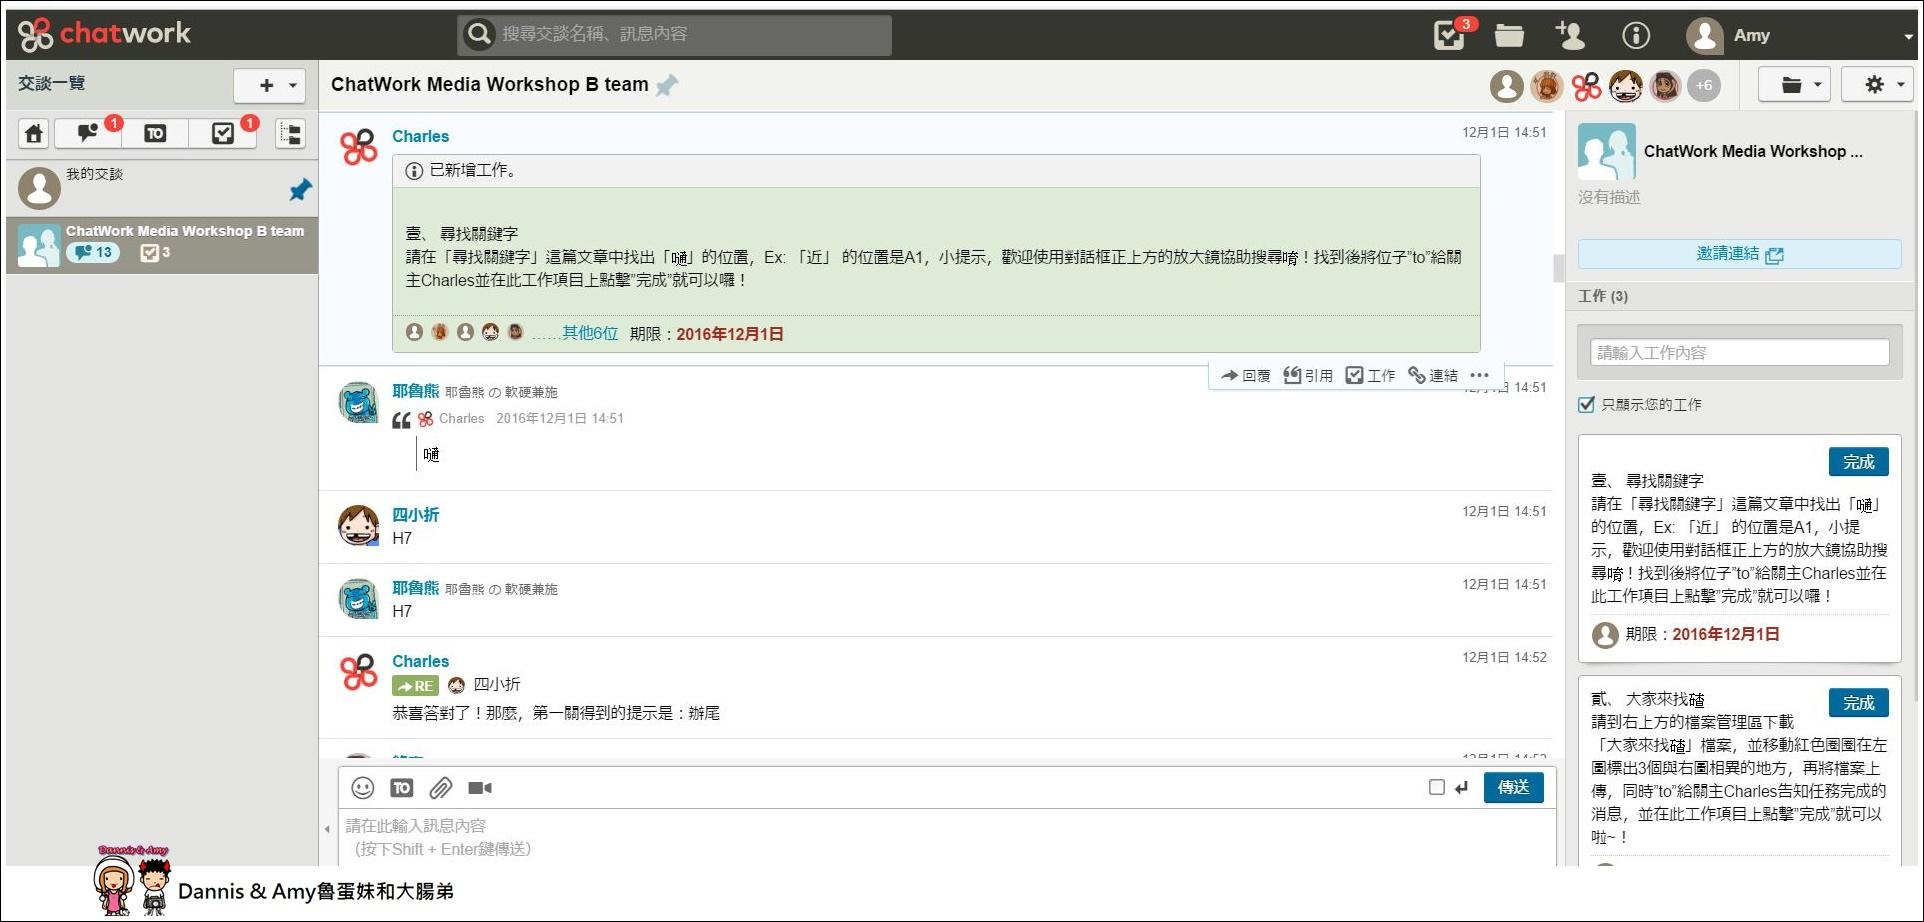 20161201《資訊報報》日本商用第一通訊軟體ChatWork讓你輕鬆擁有雲端會議室。ChatWork尾牙提案競賽搶優勝得十萬元尾牙基金︱ (8).JPG